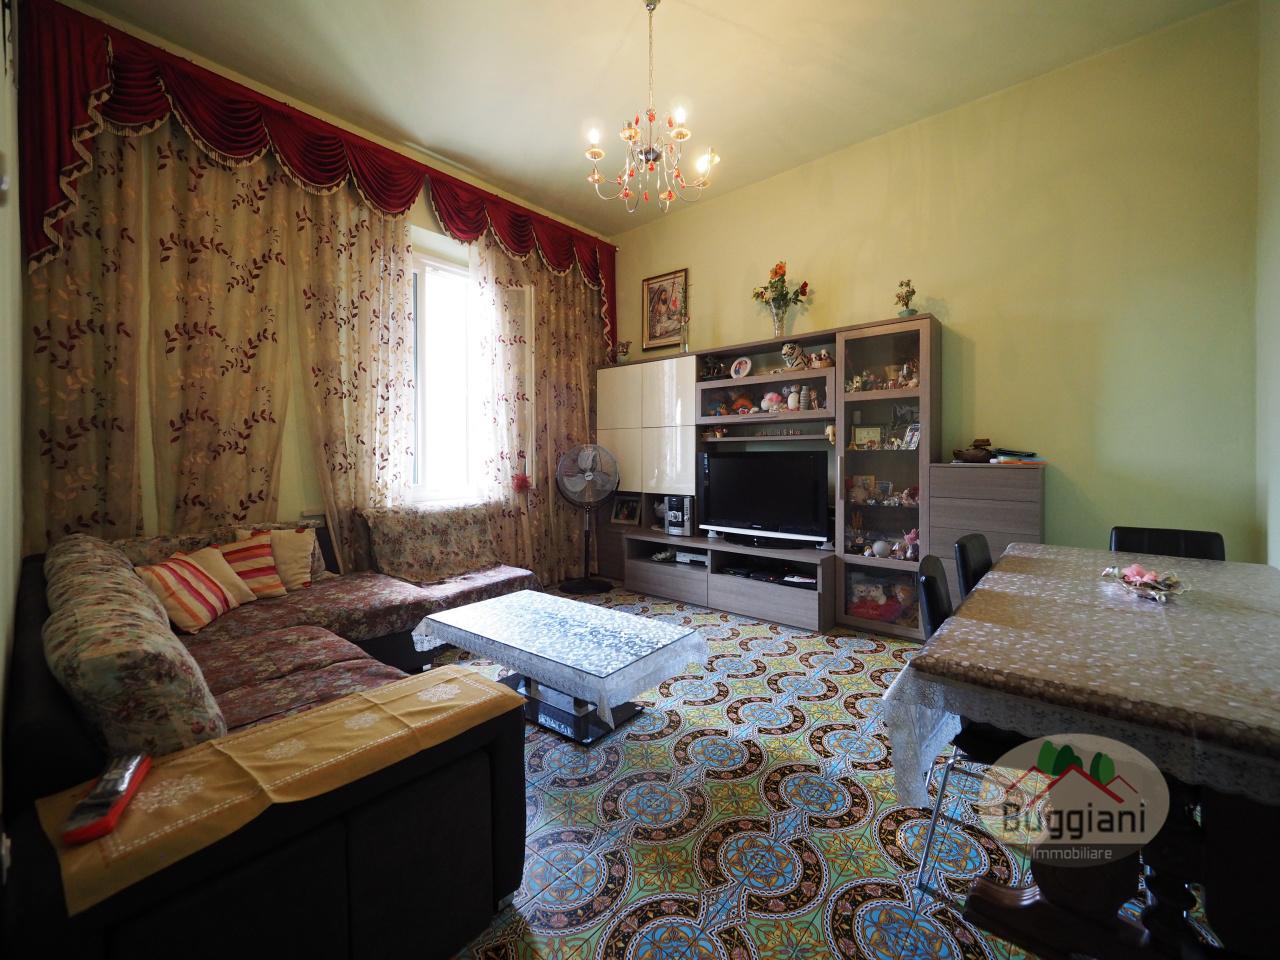 Appartamento in vendita RIF. 1786, Santa Croce sull'Arno (PI)